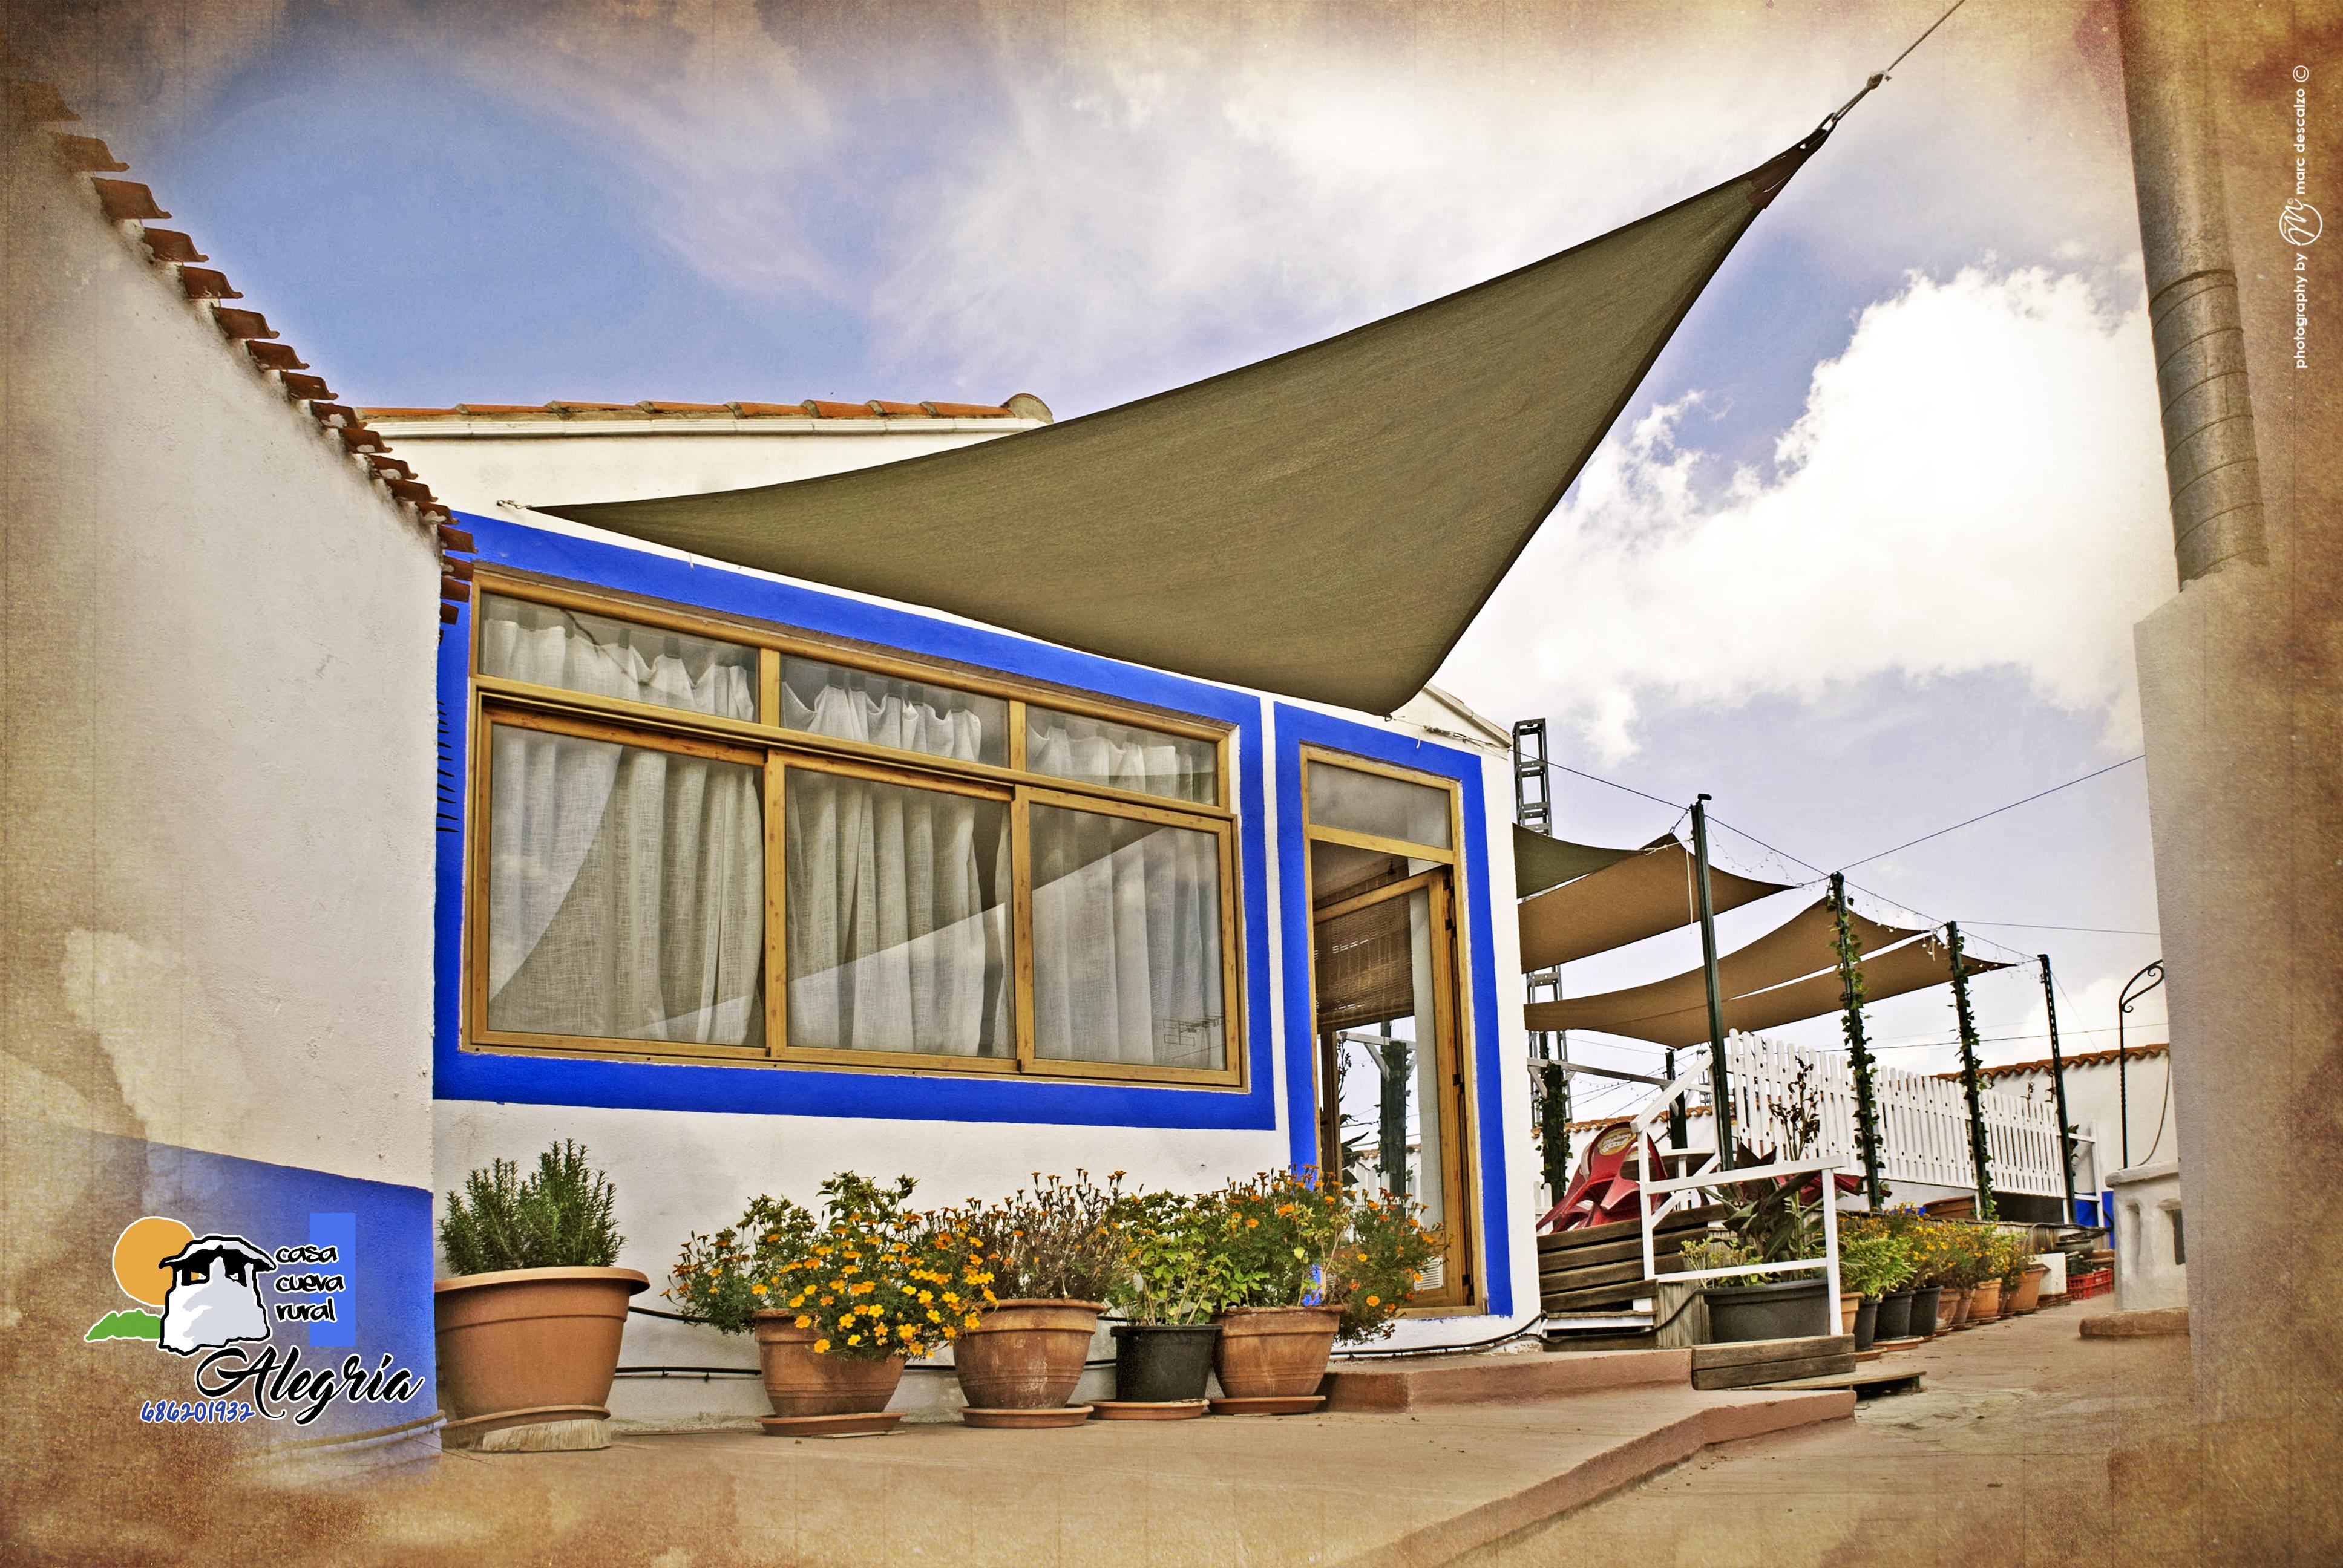 Casa cueva alegria albacete wishrural - Casas de citas en albacete ...